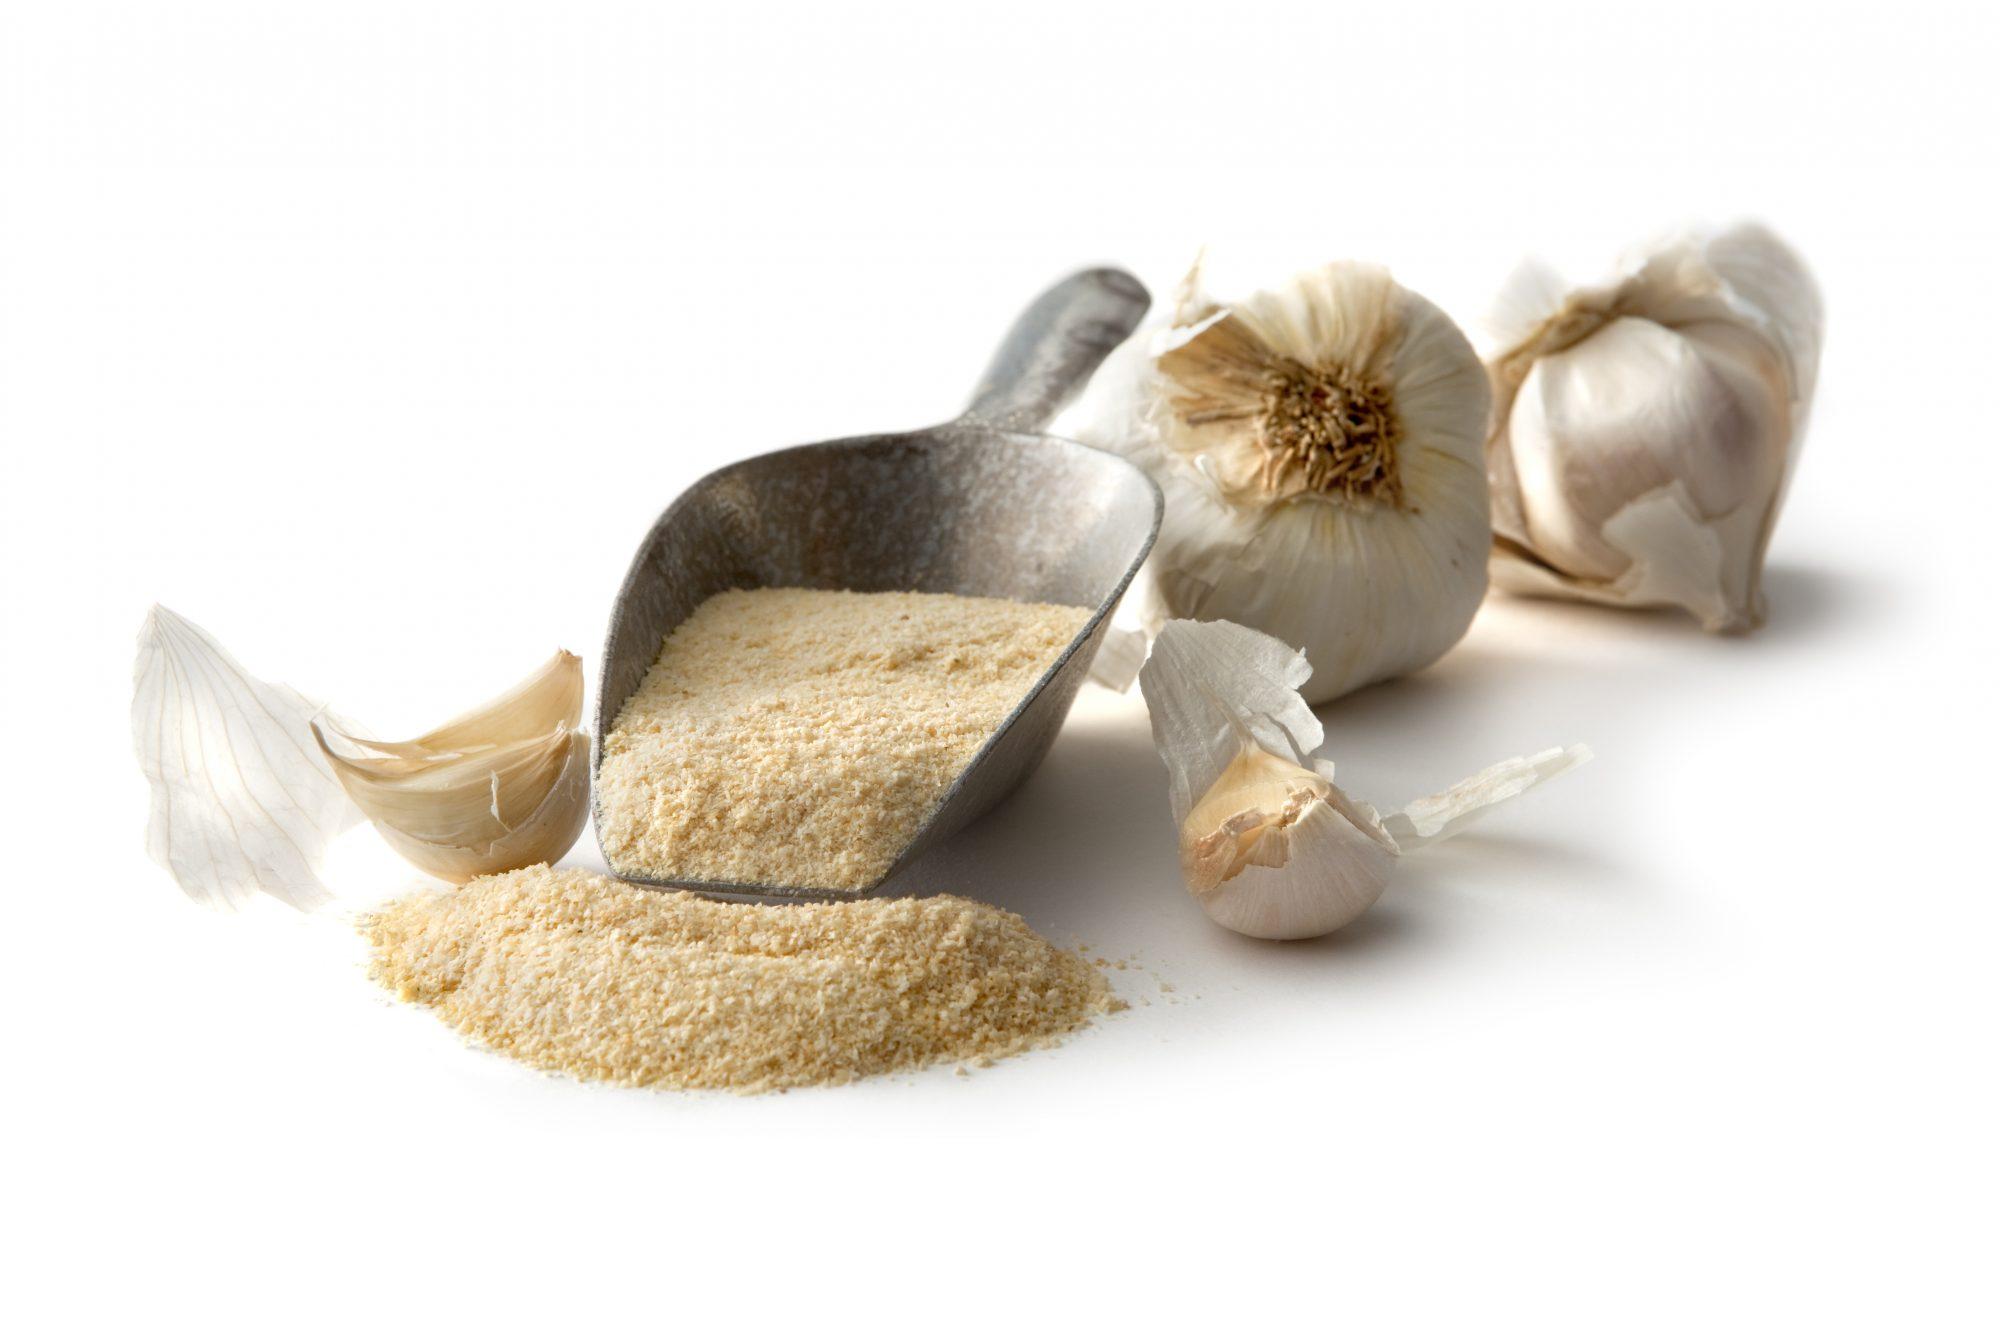 Fresh Garlic and Garlic Powder